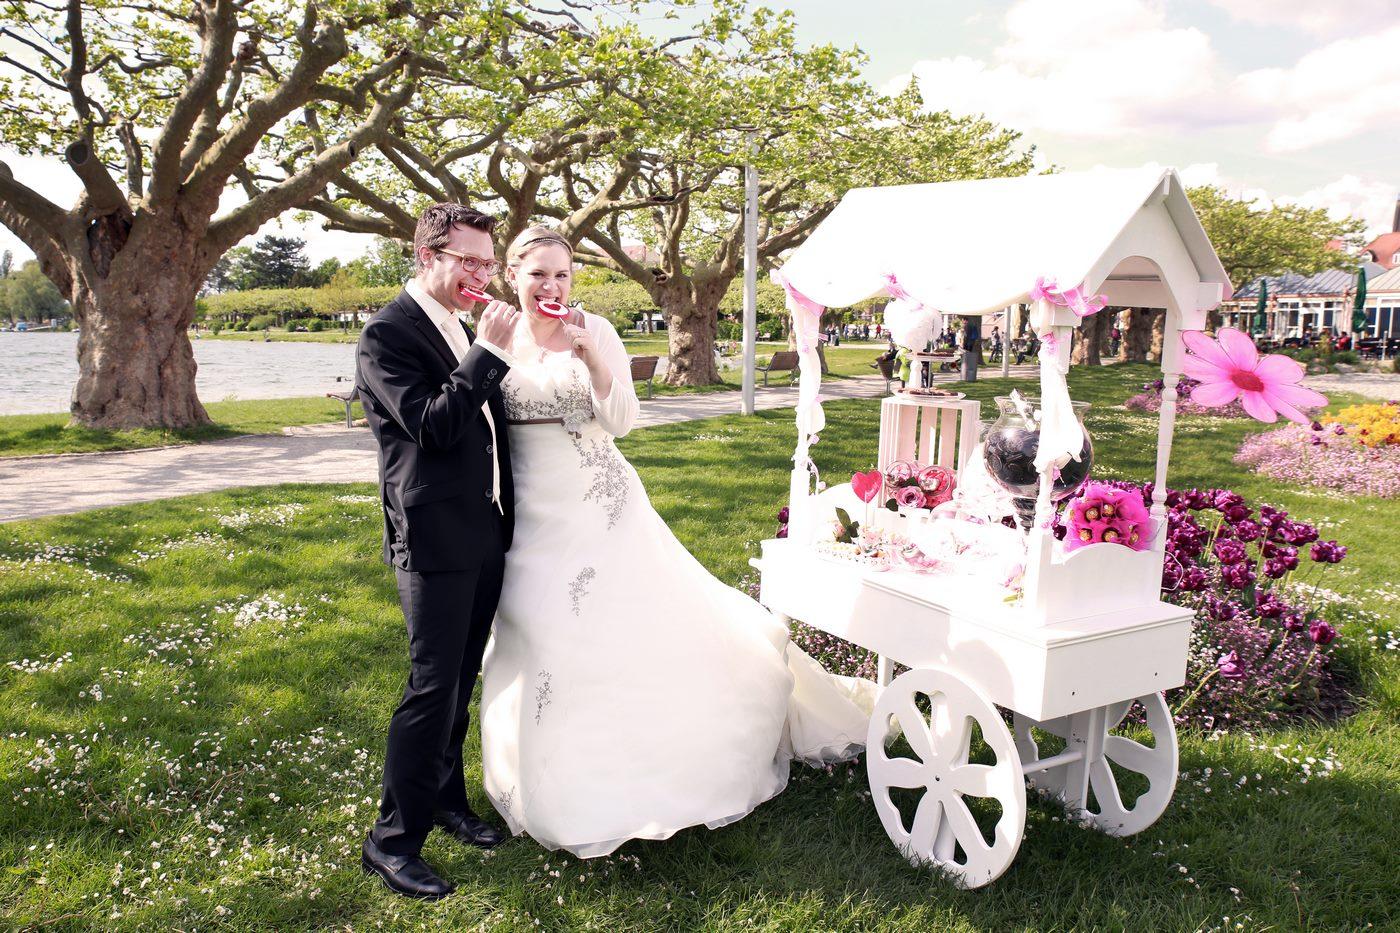 Brautpaar beißt in Lutsche neben einem Candycart